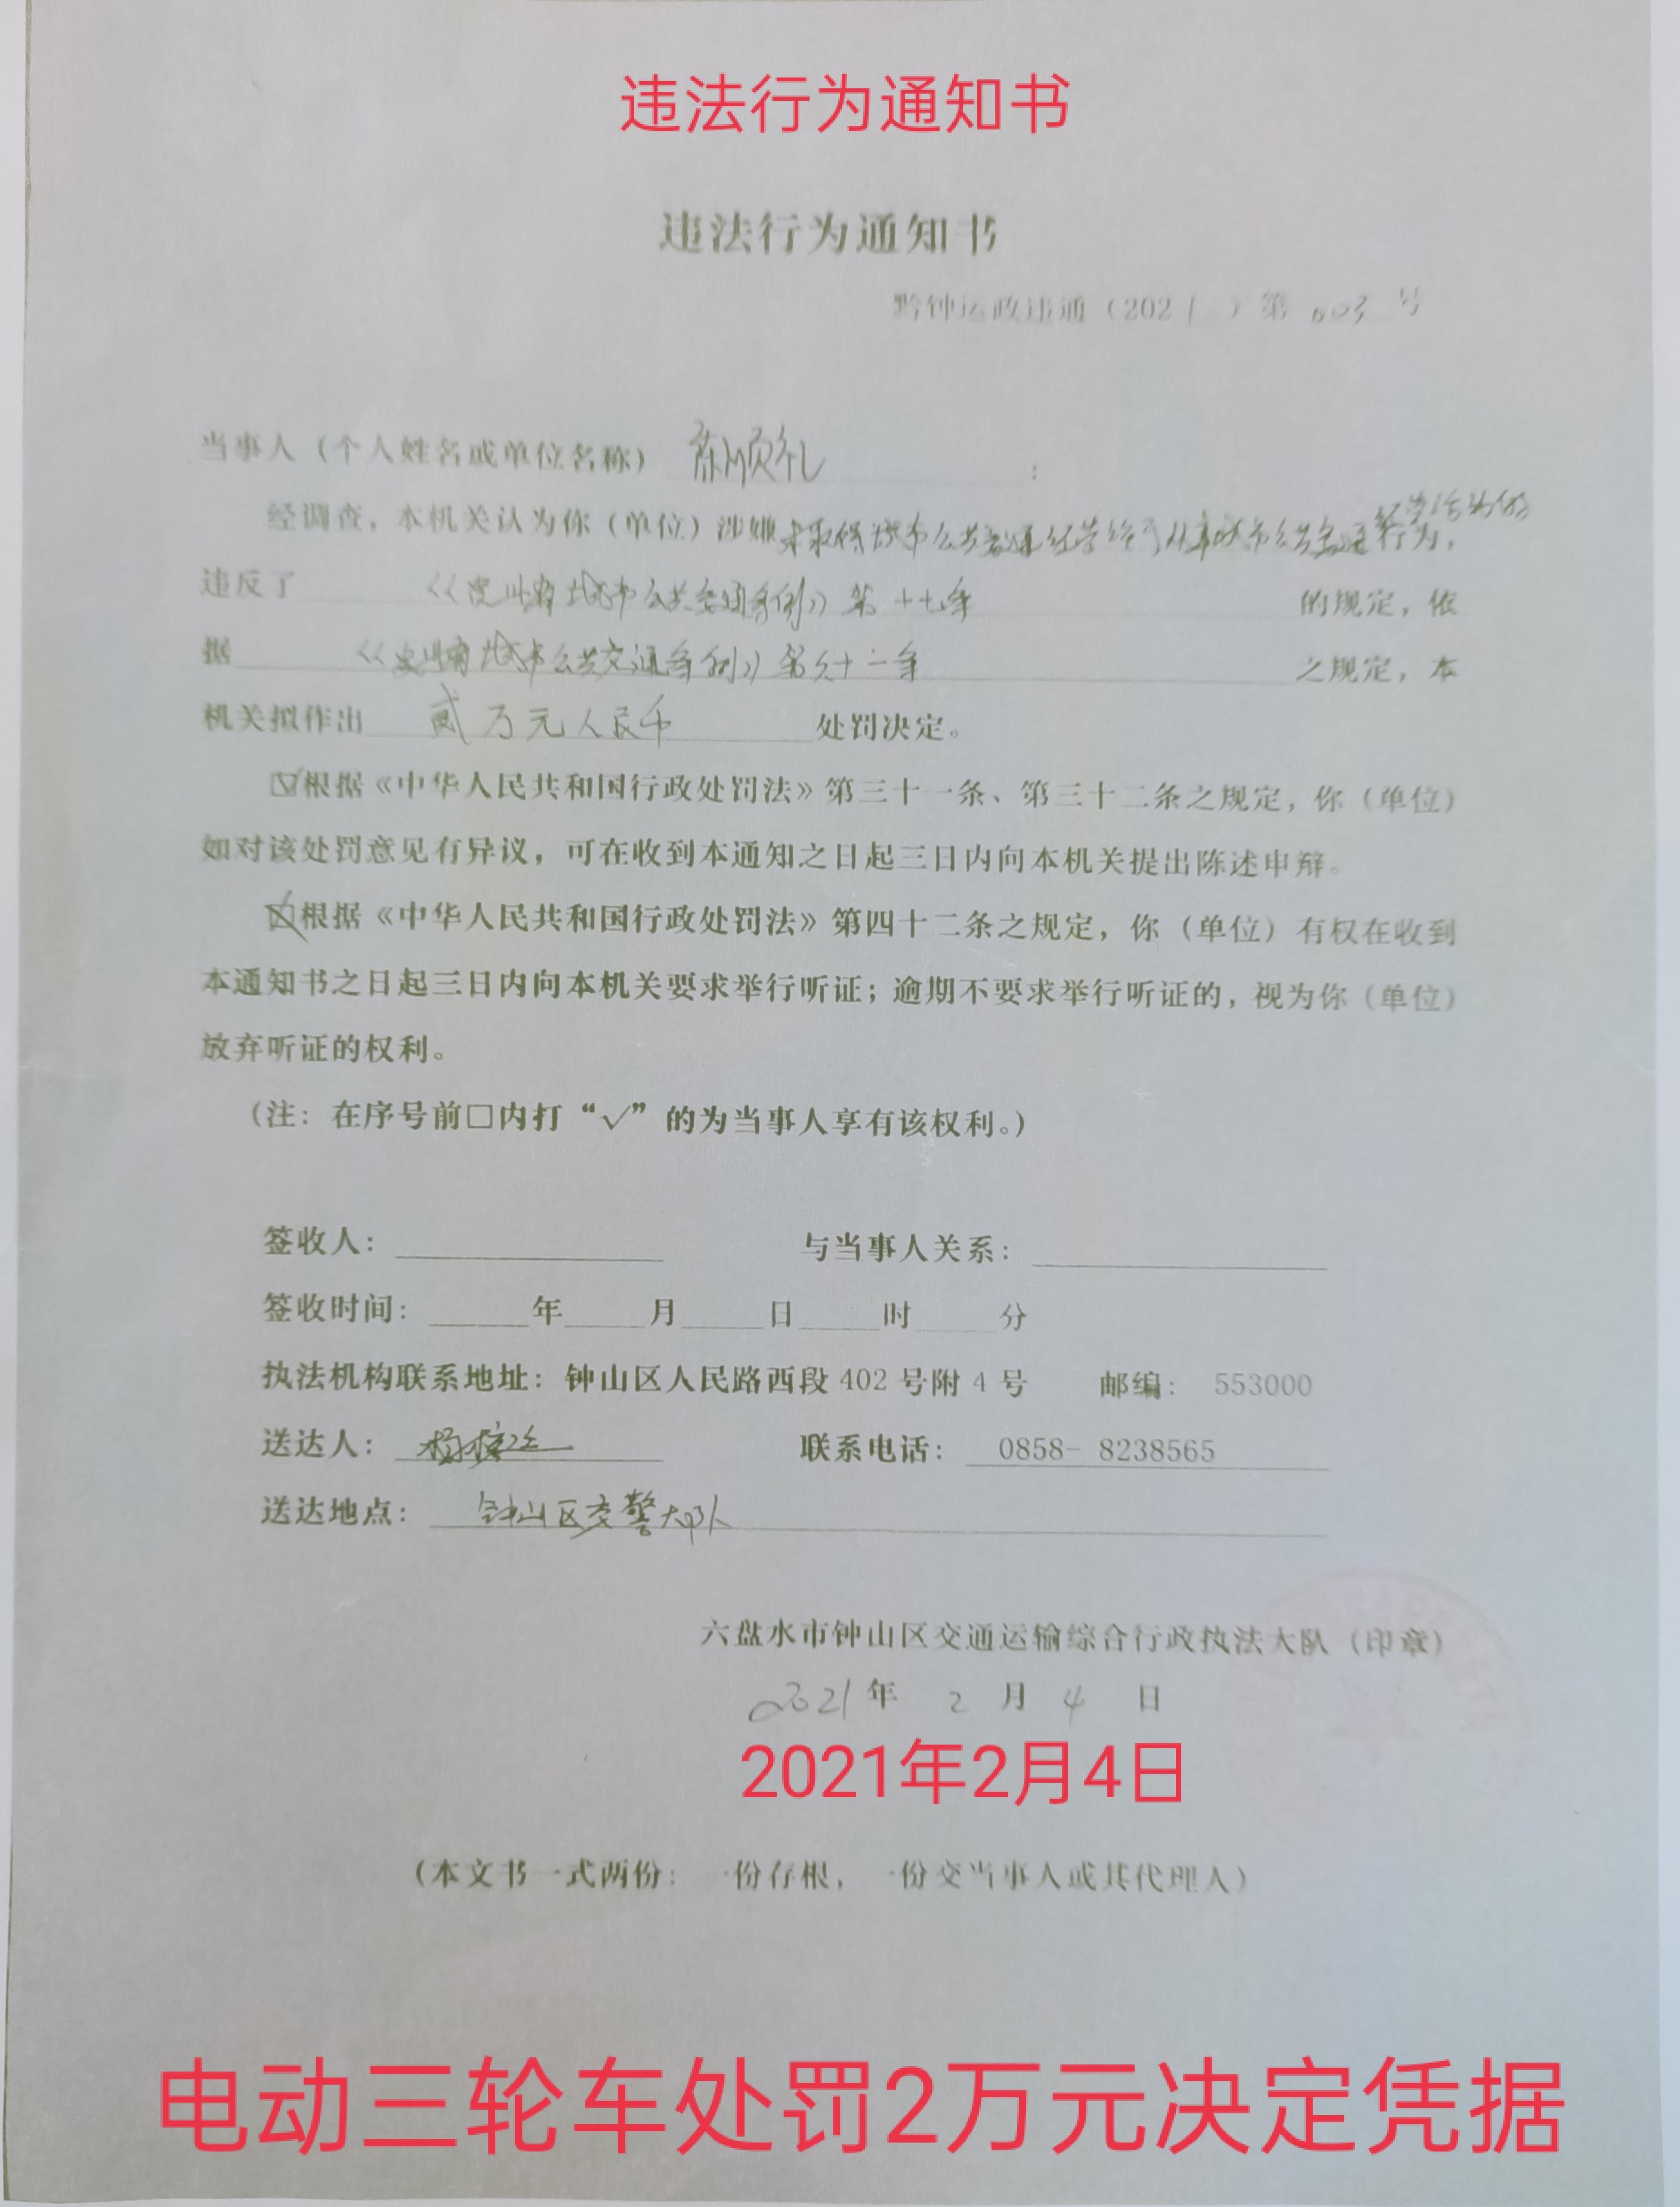 贵州:六盘水新闻